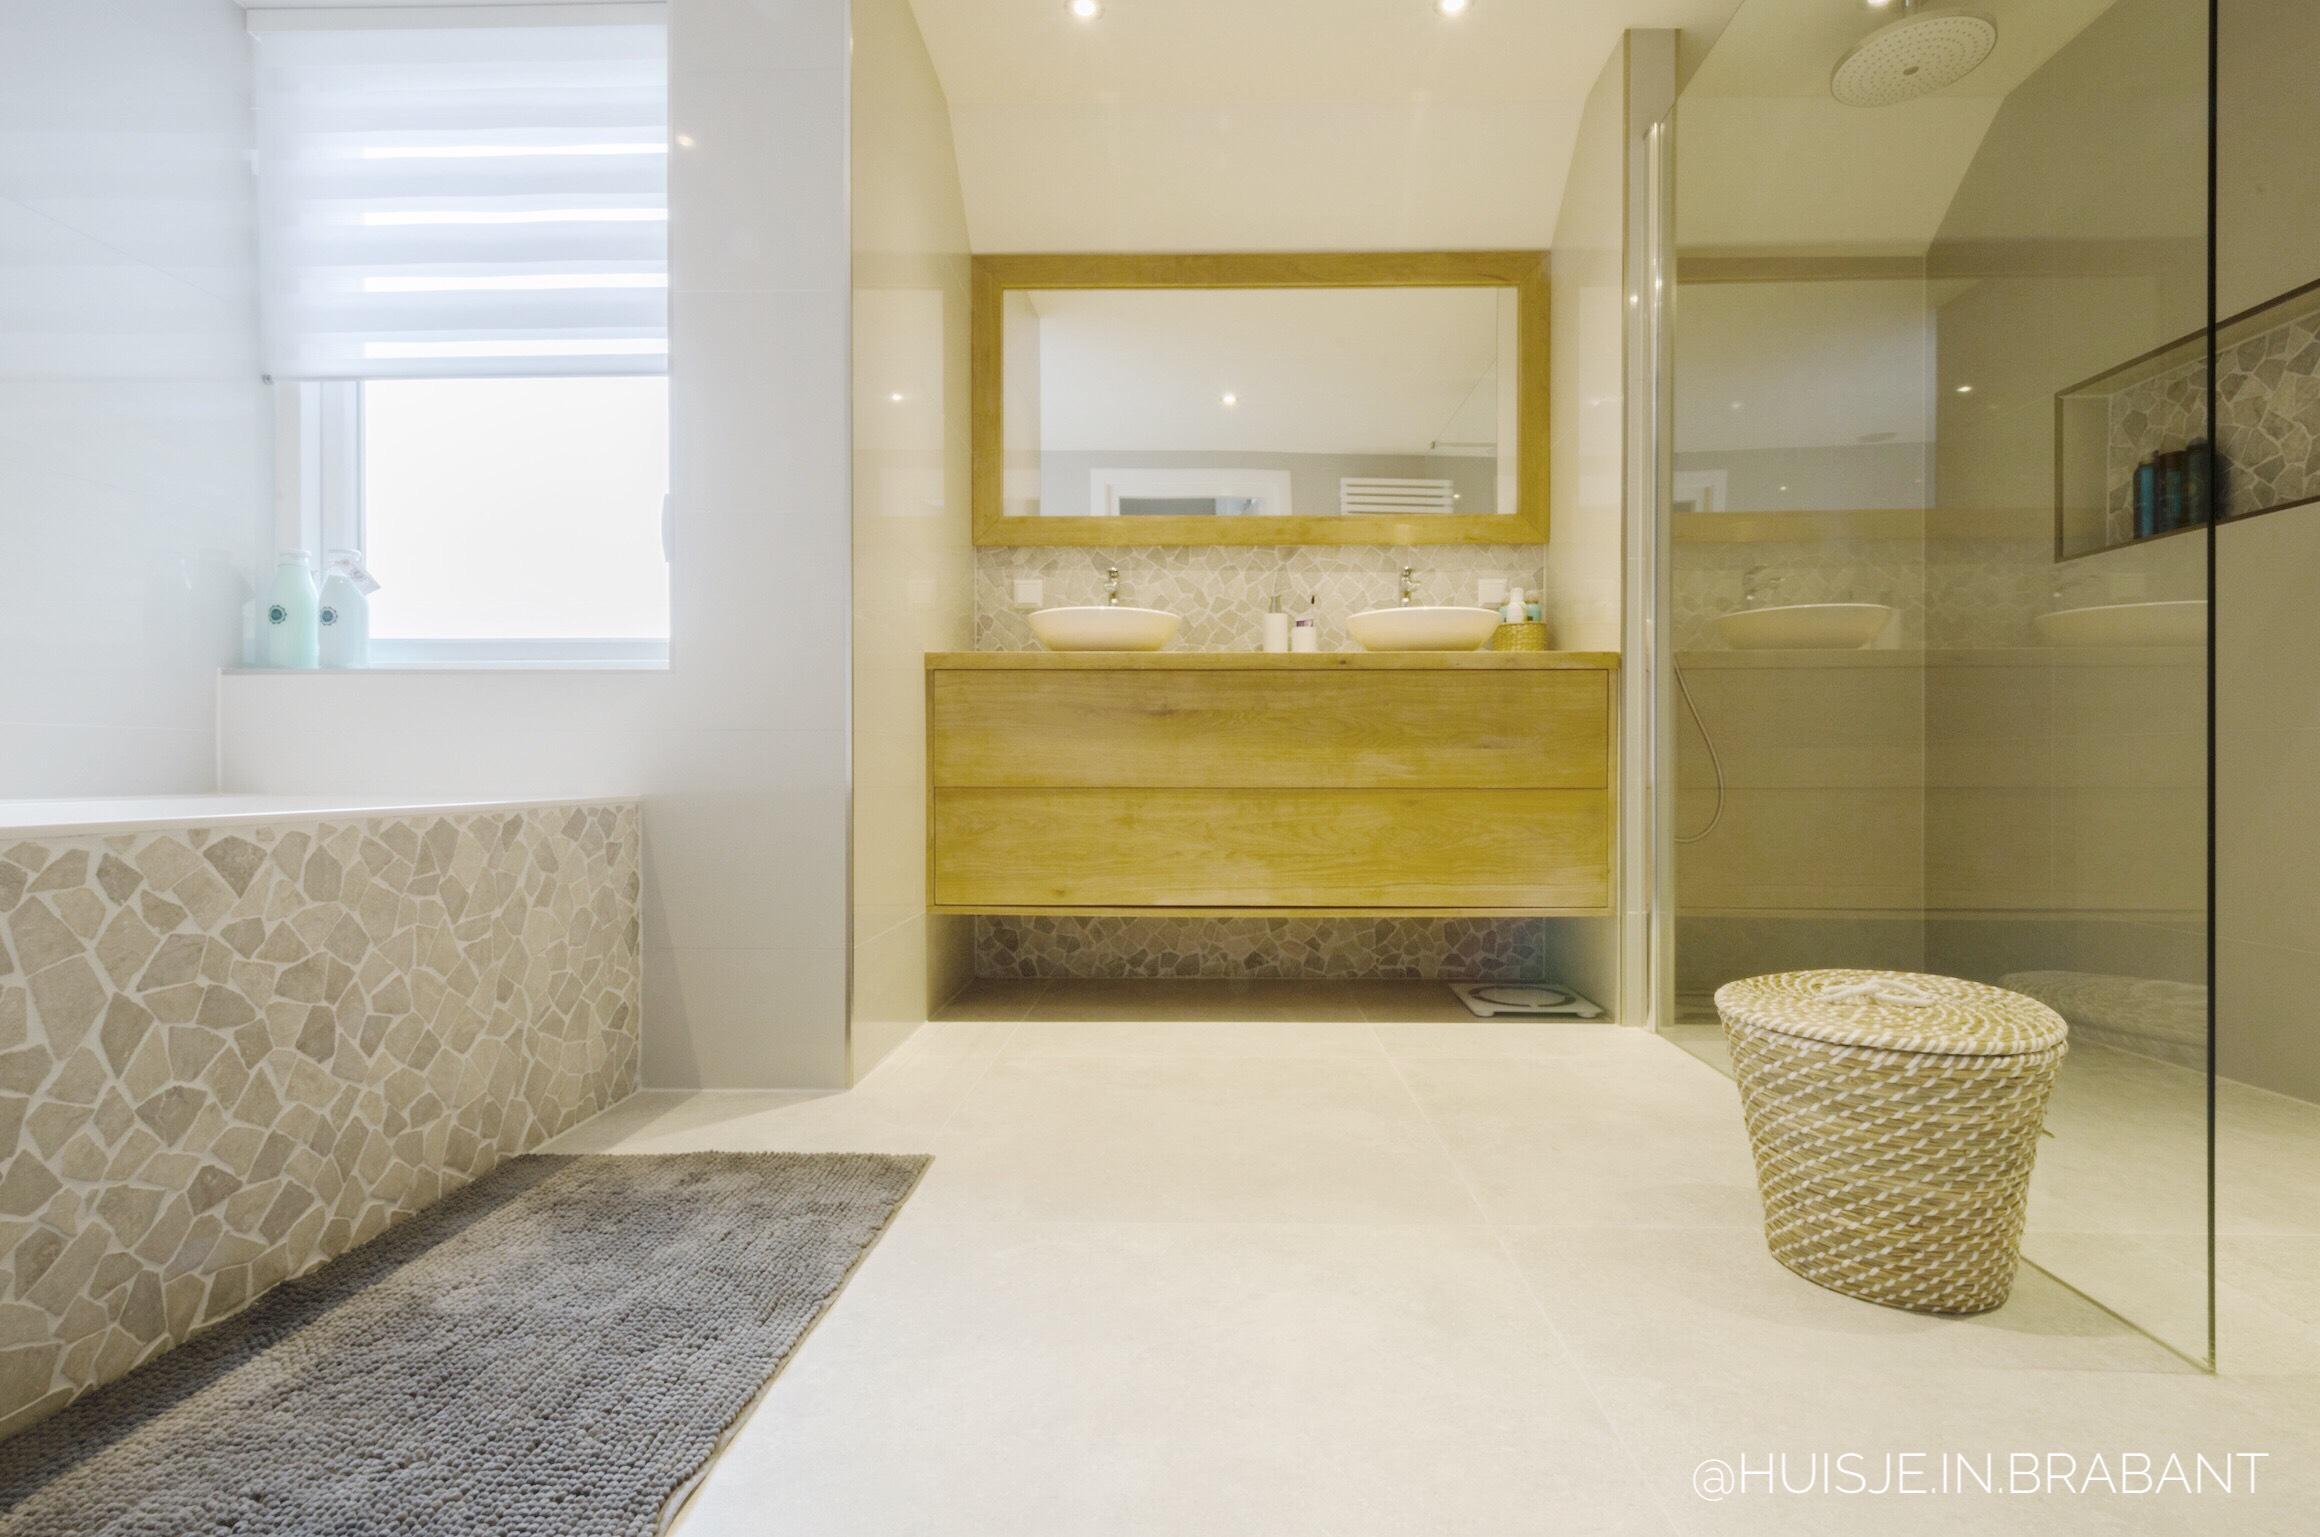 badkamer douche met losse handdouche